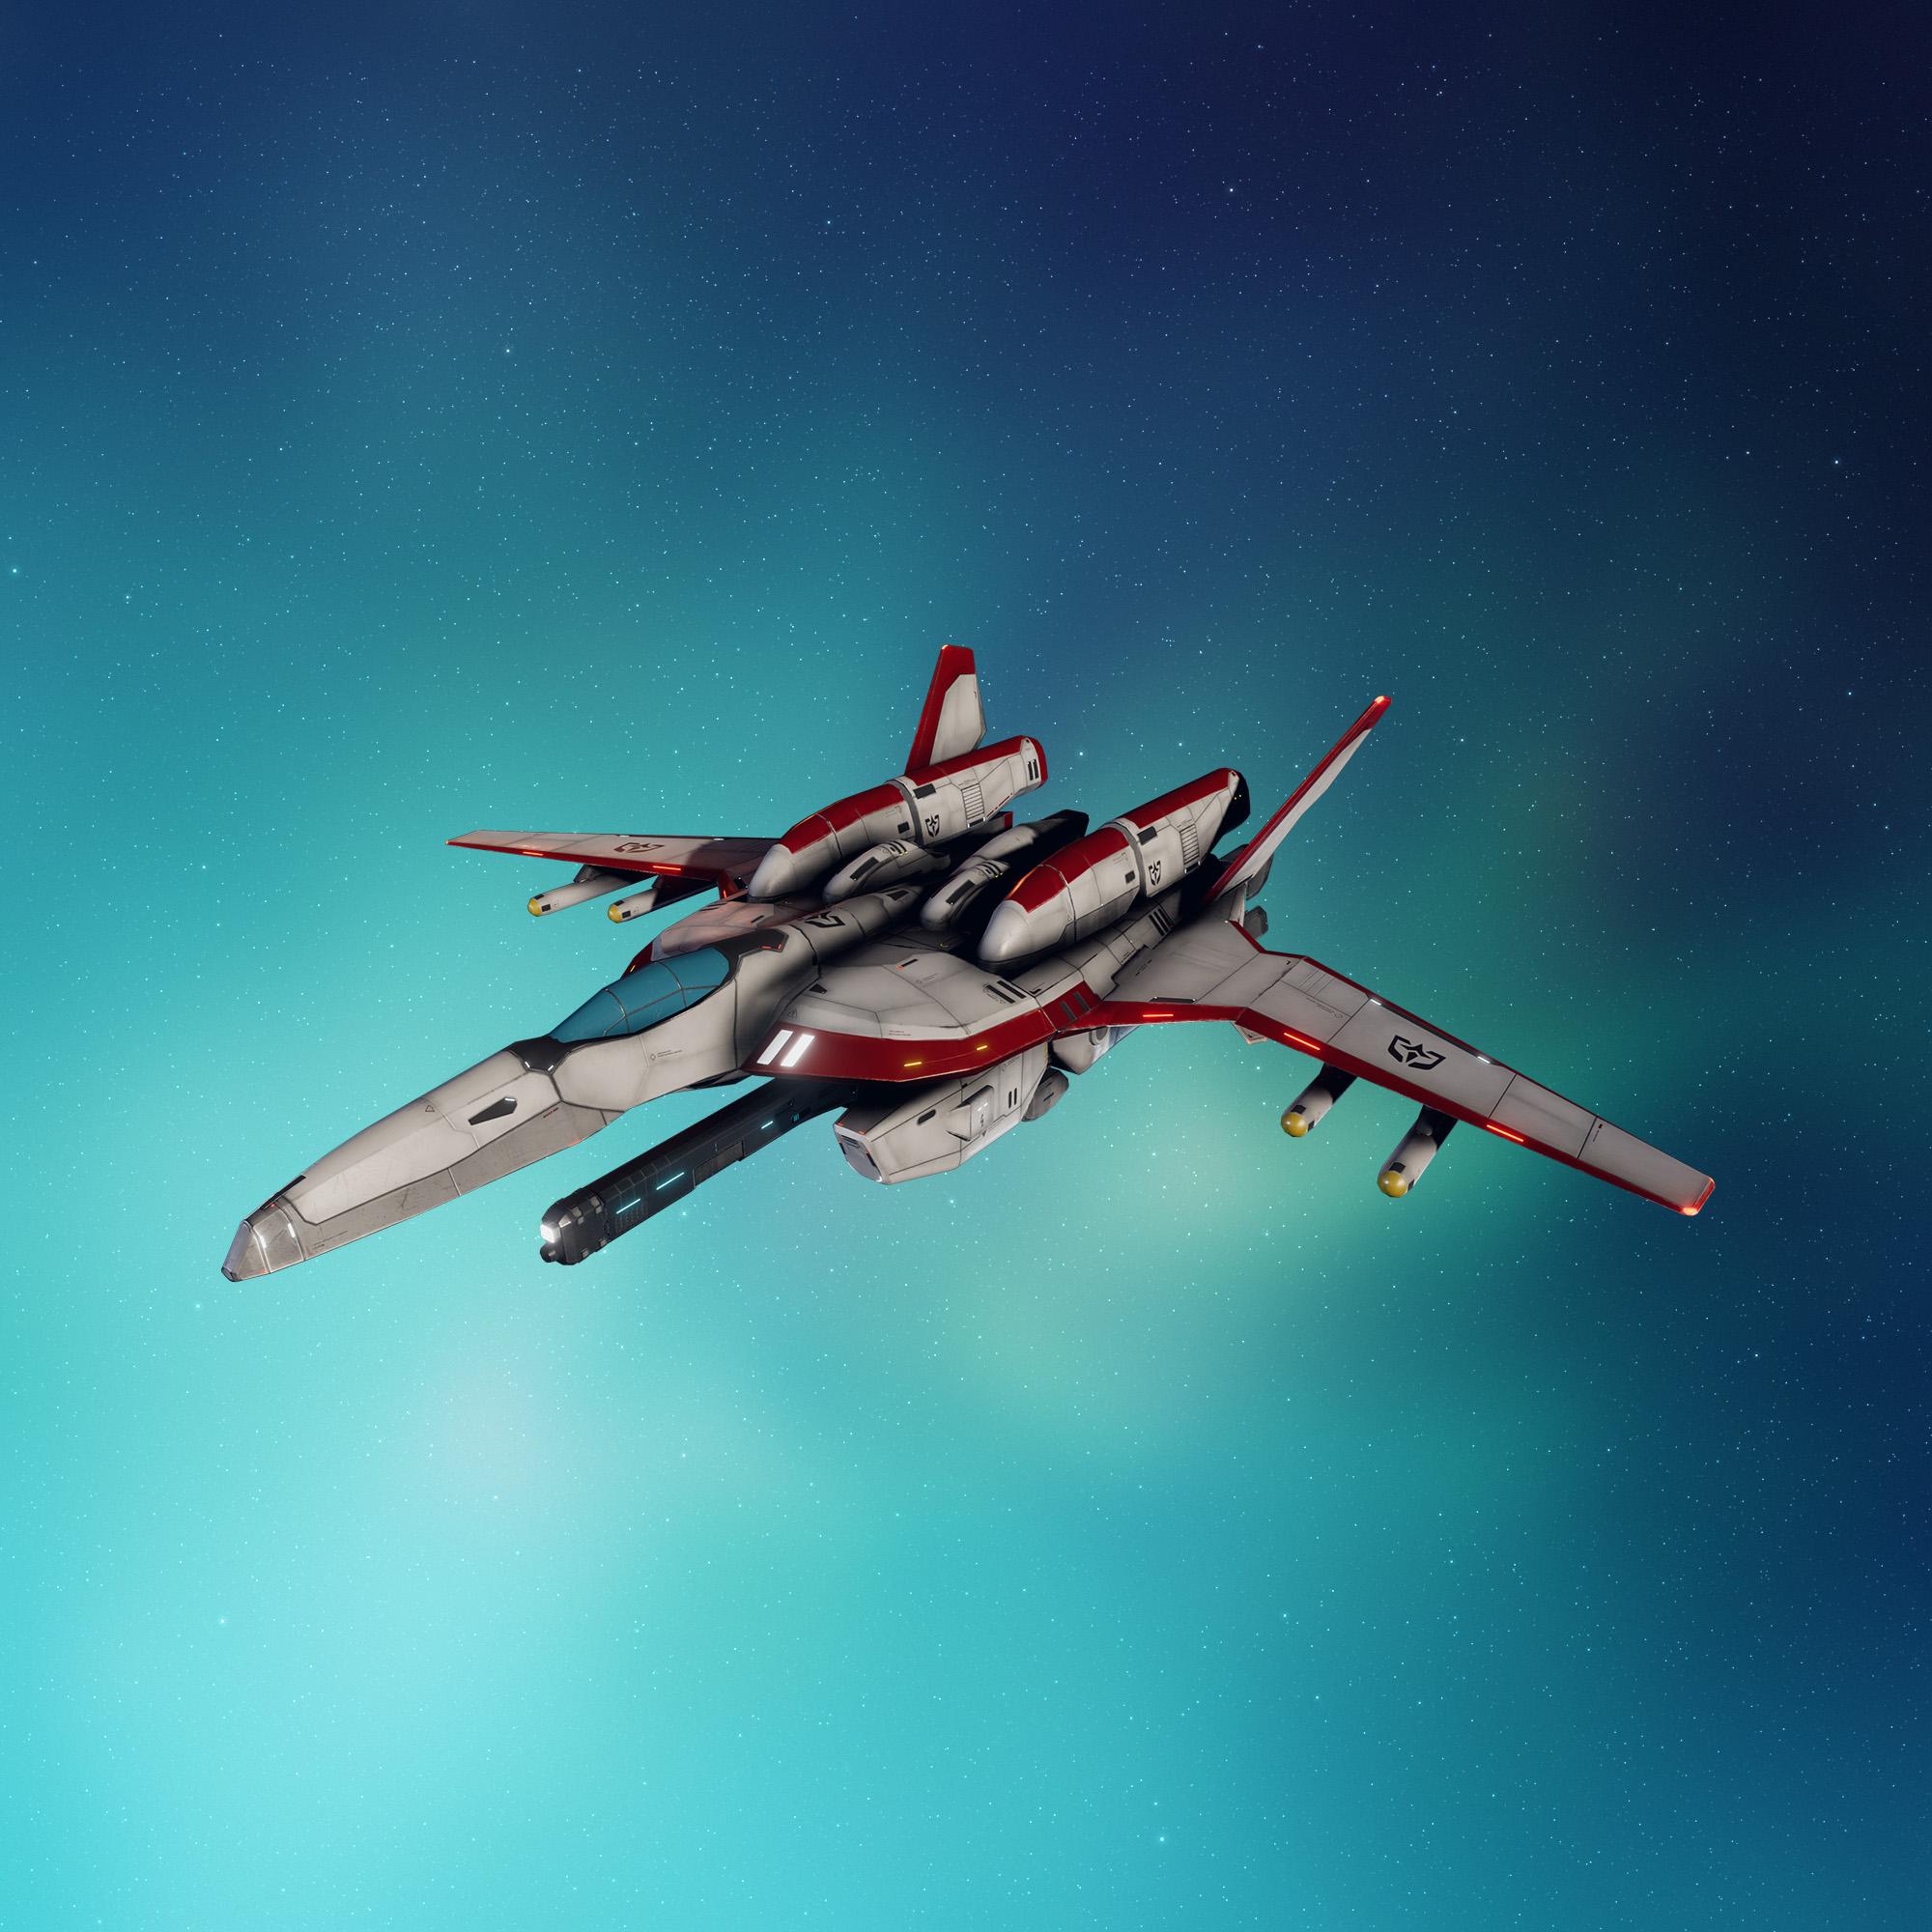 XM-01 Lightning